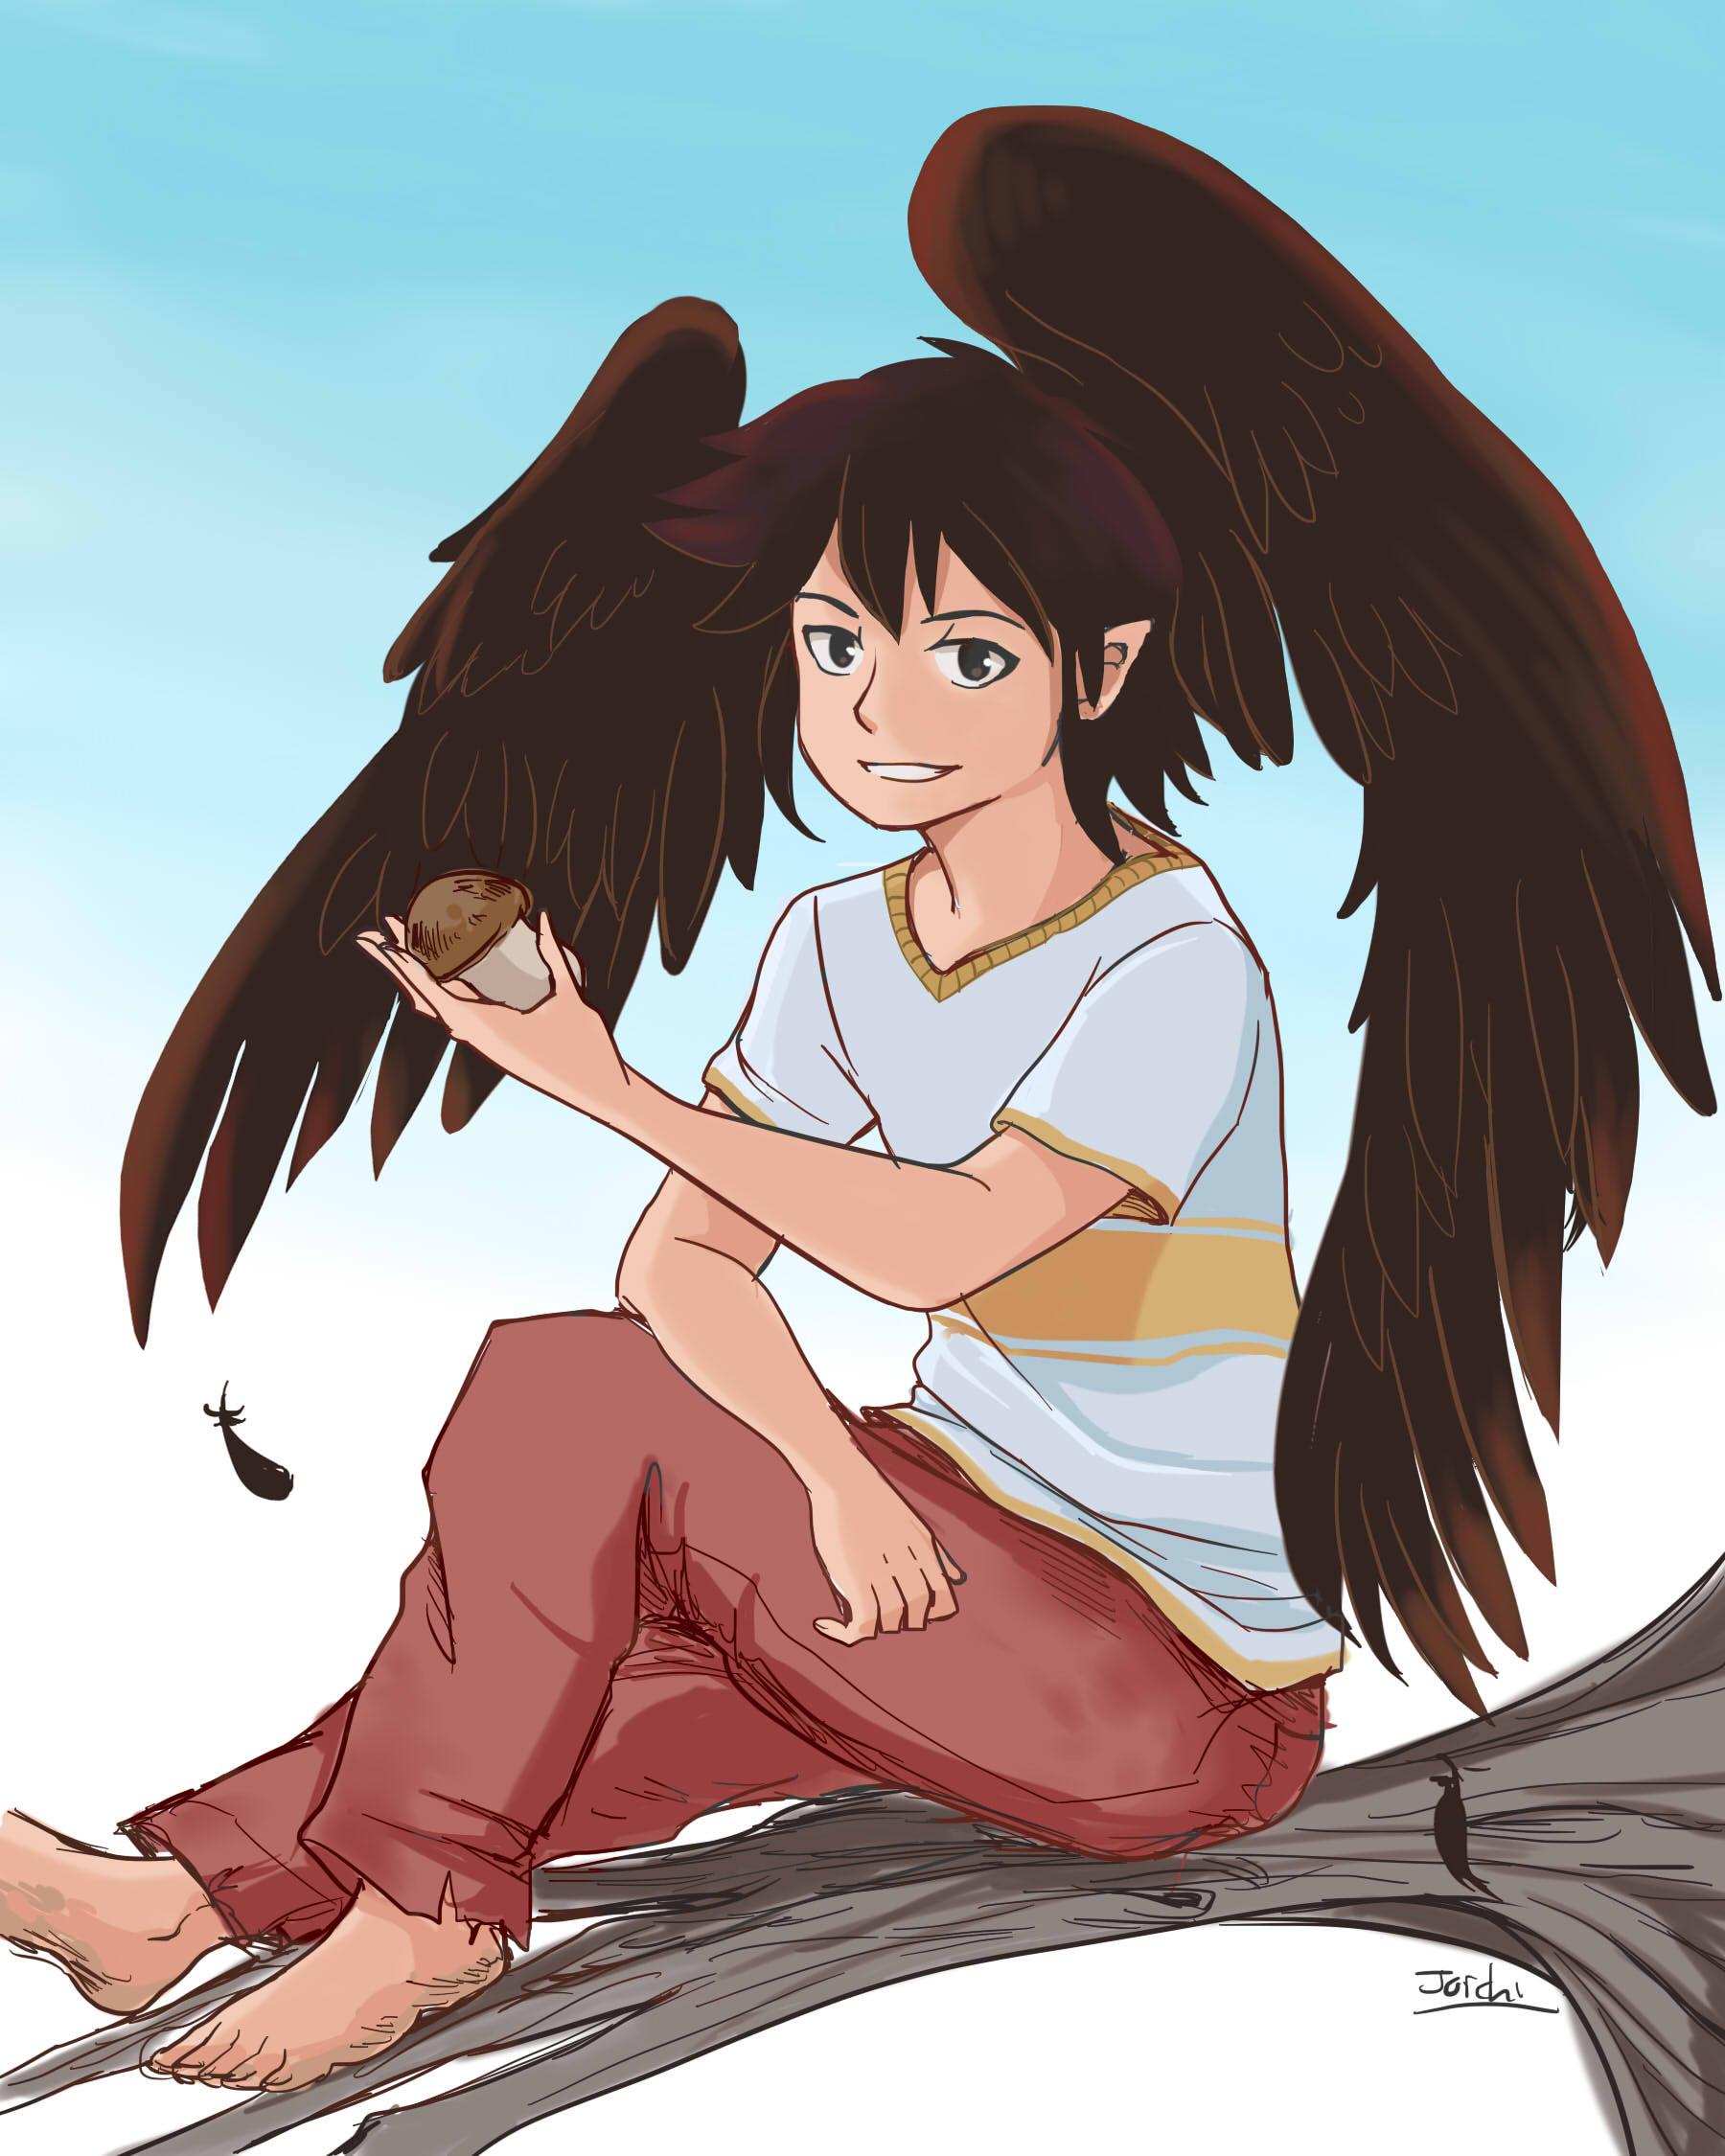 Ash from Keyspace: A Winged Tale